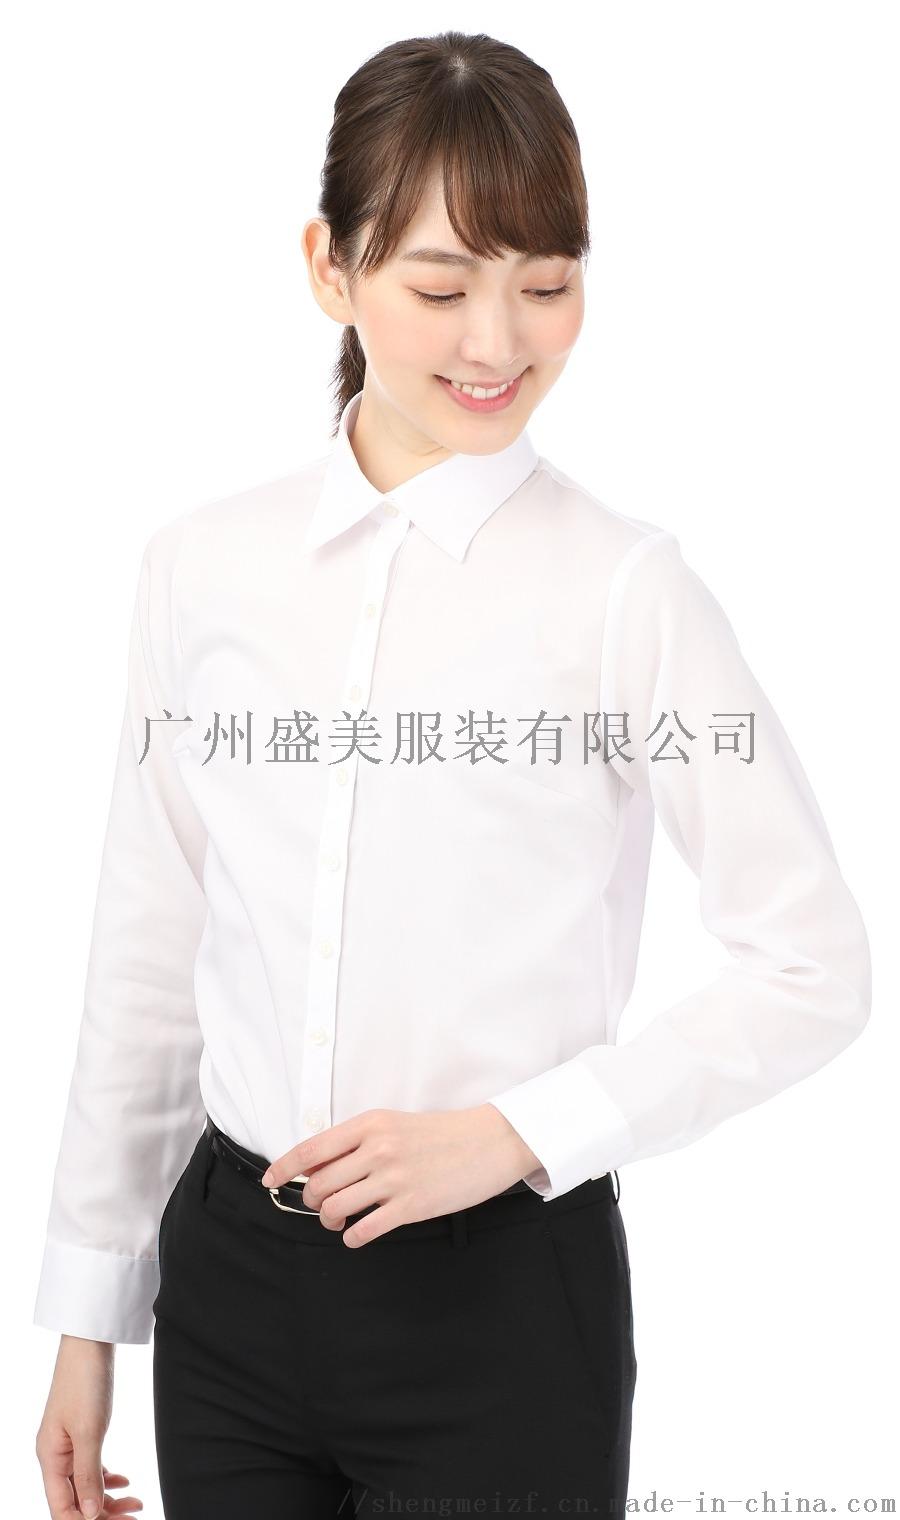 番禺区衬衫定做,钟村员工衬衣定制,绣字衬衫订做60847912